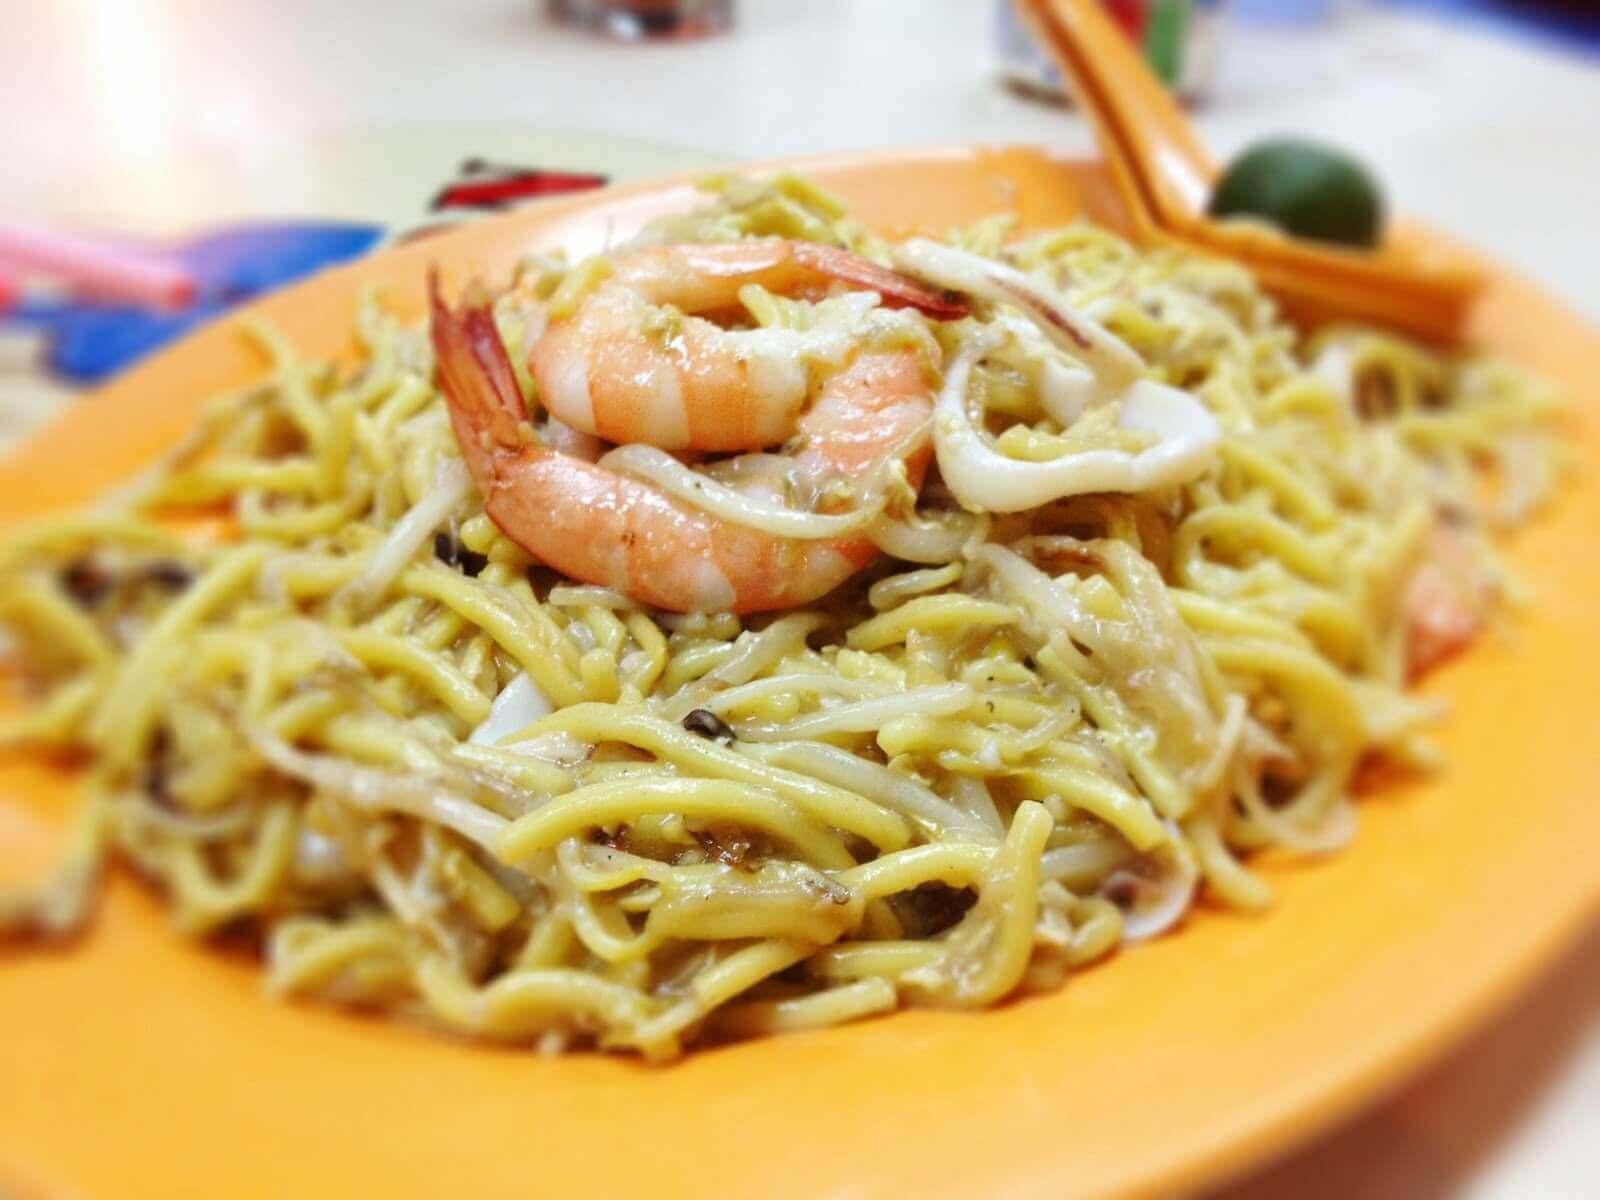 Mì xào Phúc Kiến là món ăn phổ biến và nổi tiếng ở Singapore